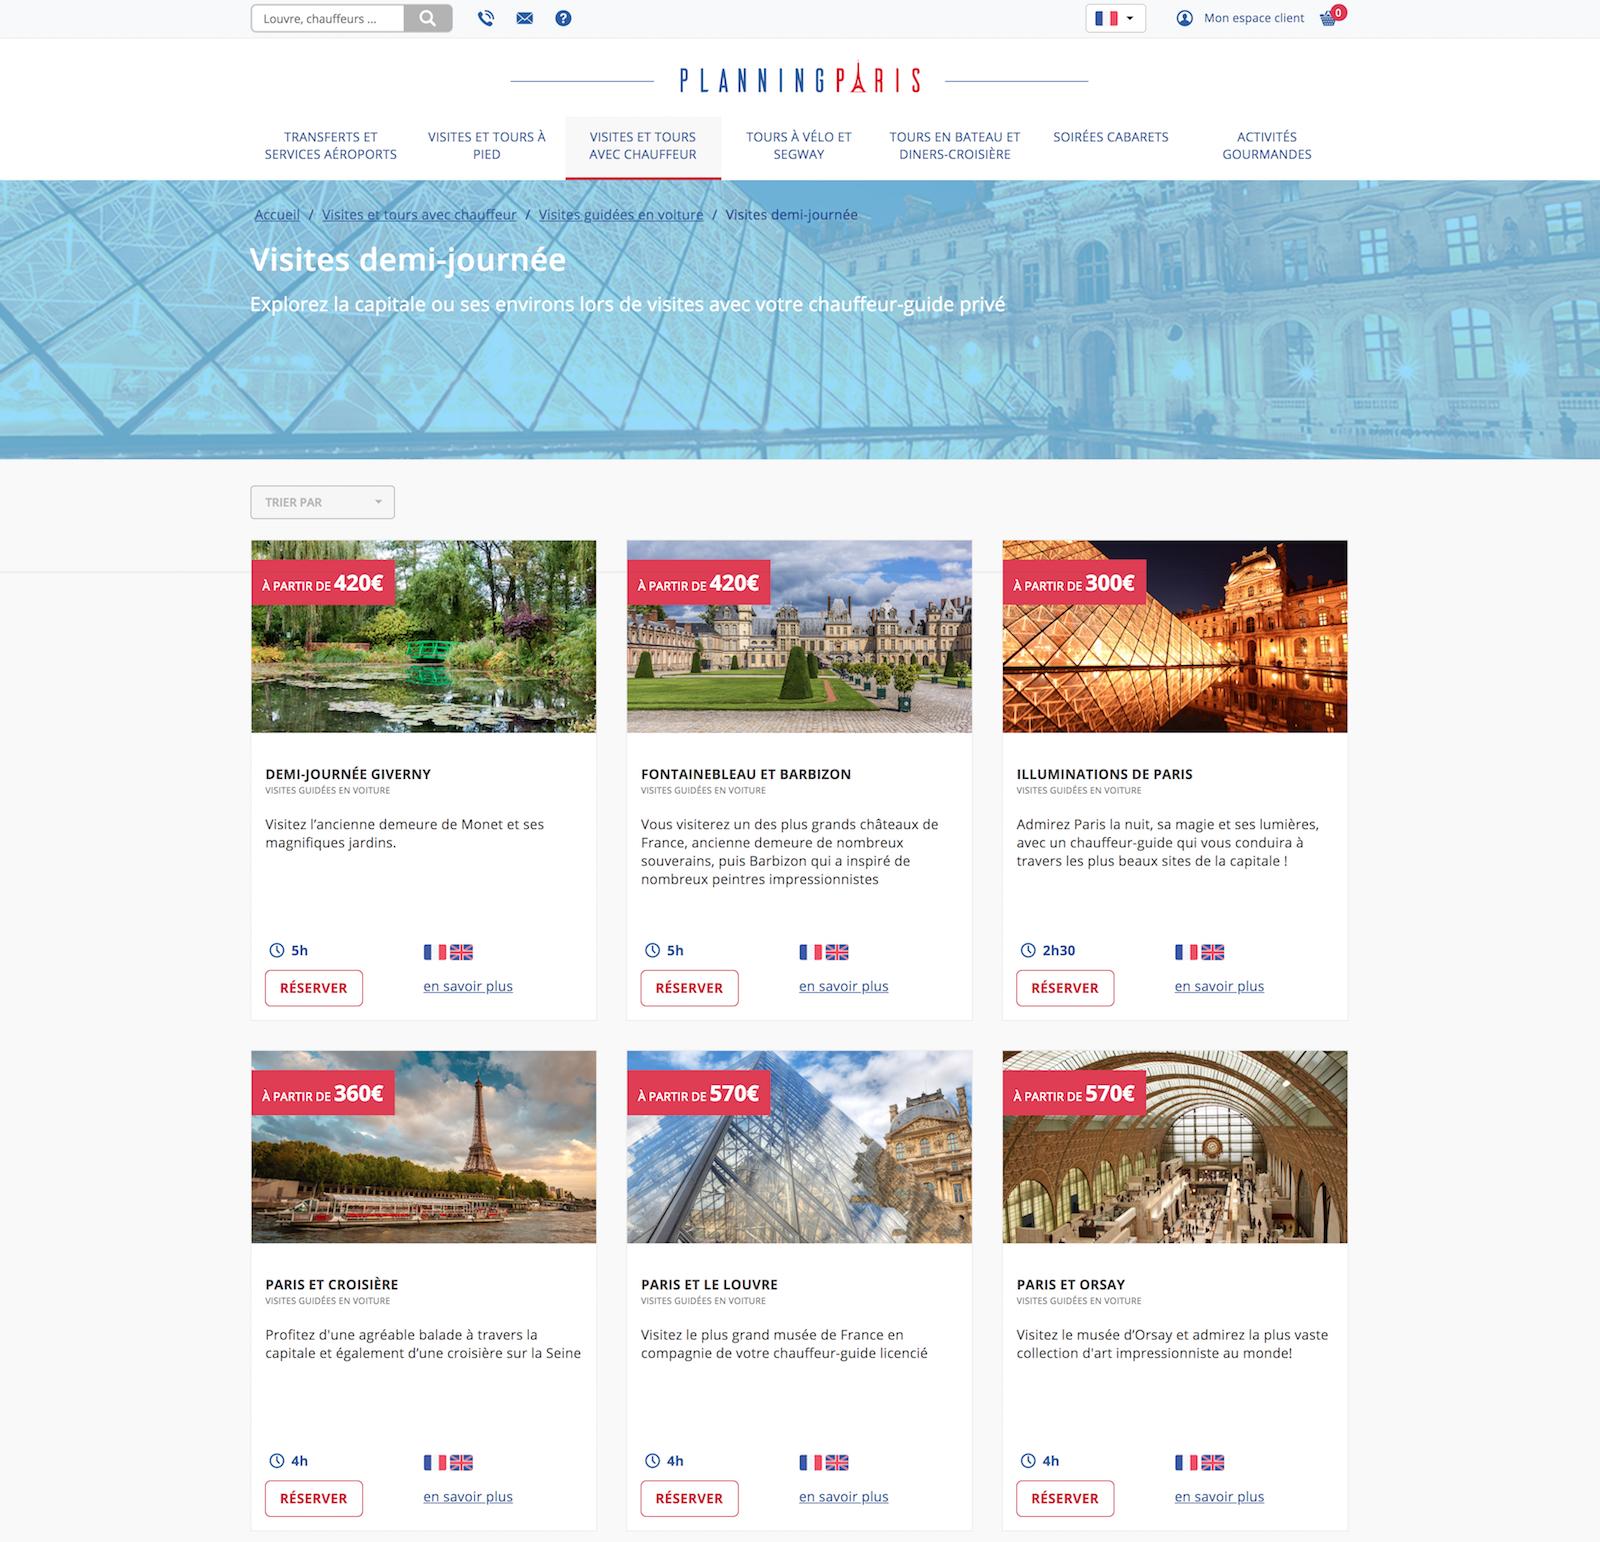 site touristique, vente de prestation pour la découverte de paris et sa culture française